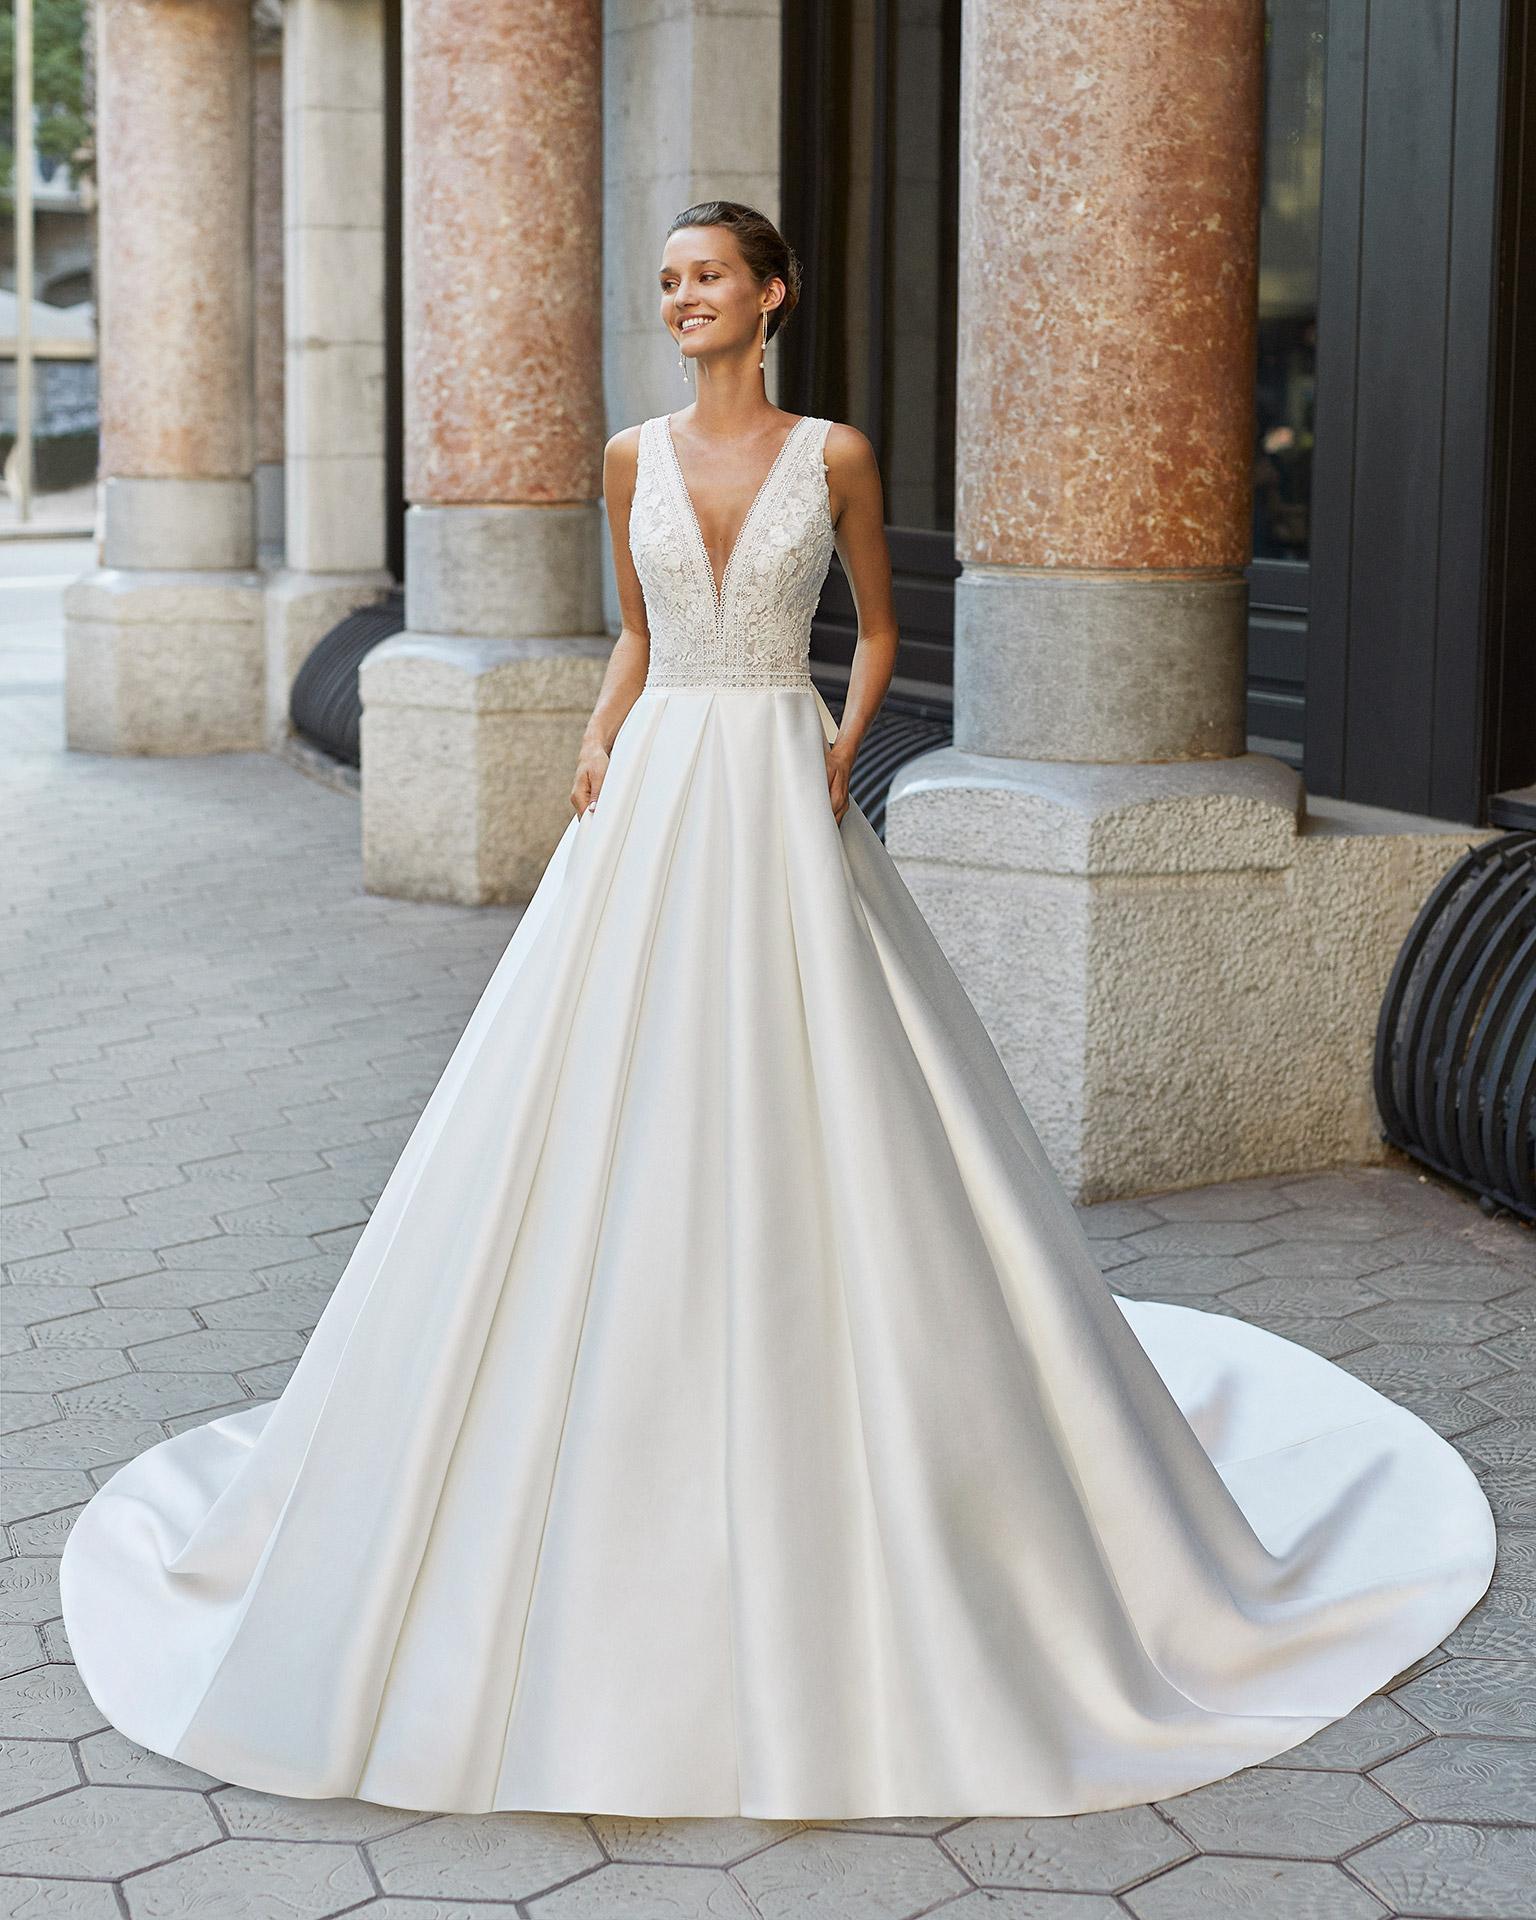 Vestido de novia de estilo clásico, raso, encaje y pedrería. Escote deep plunge y espalda con encaje aplicado. Colección  2022.